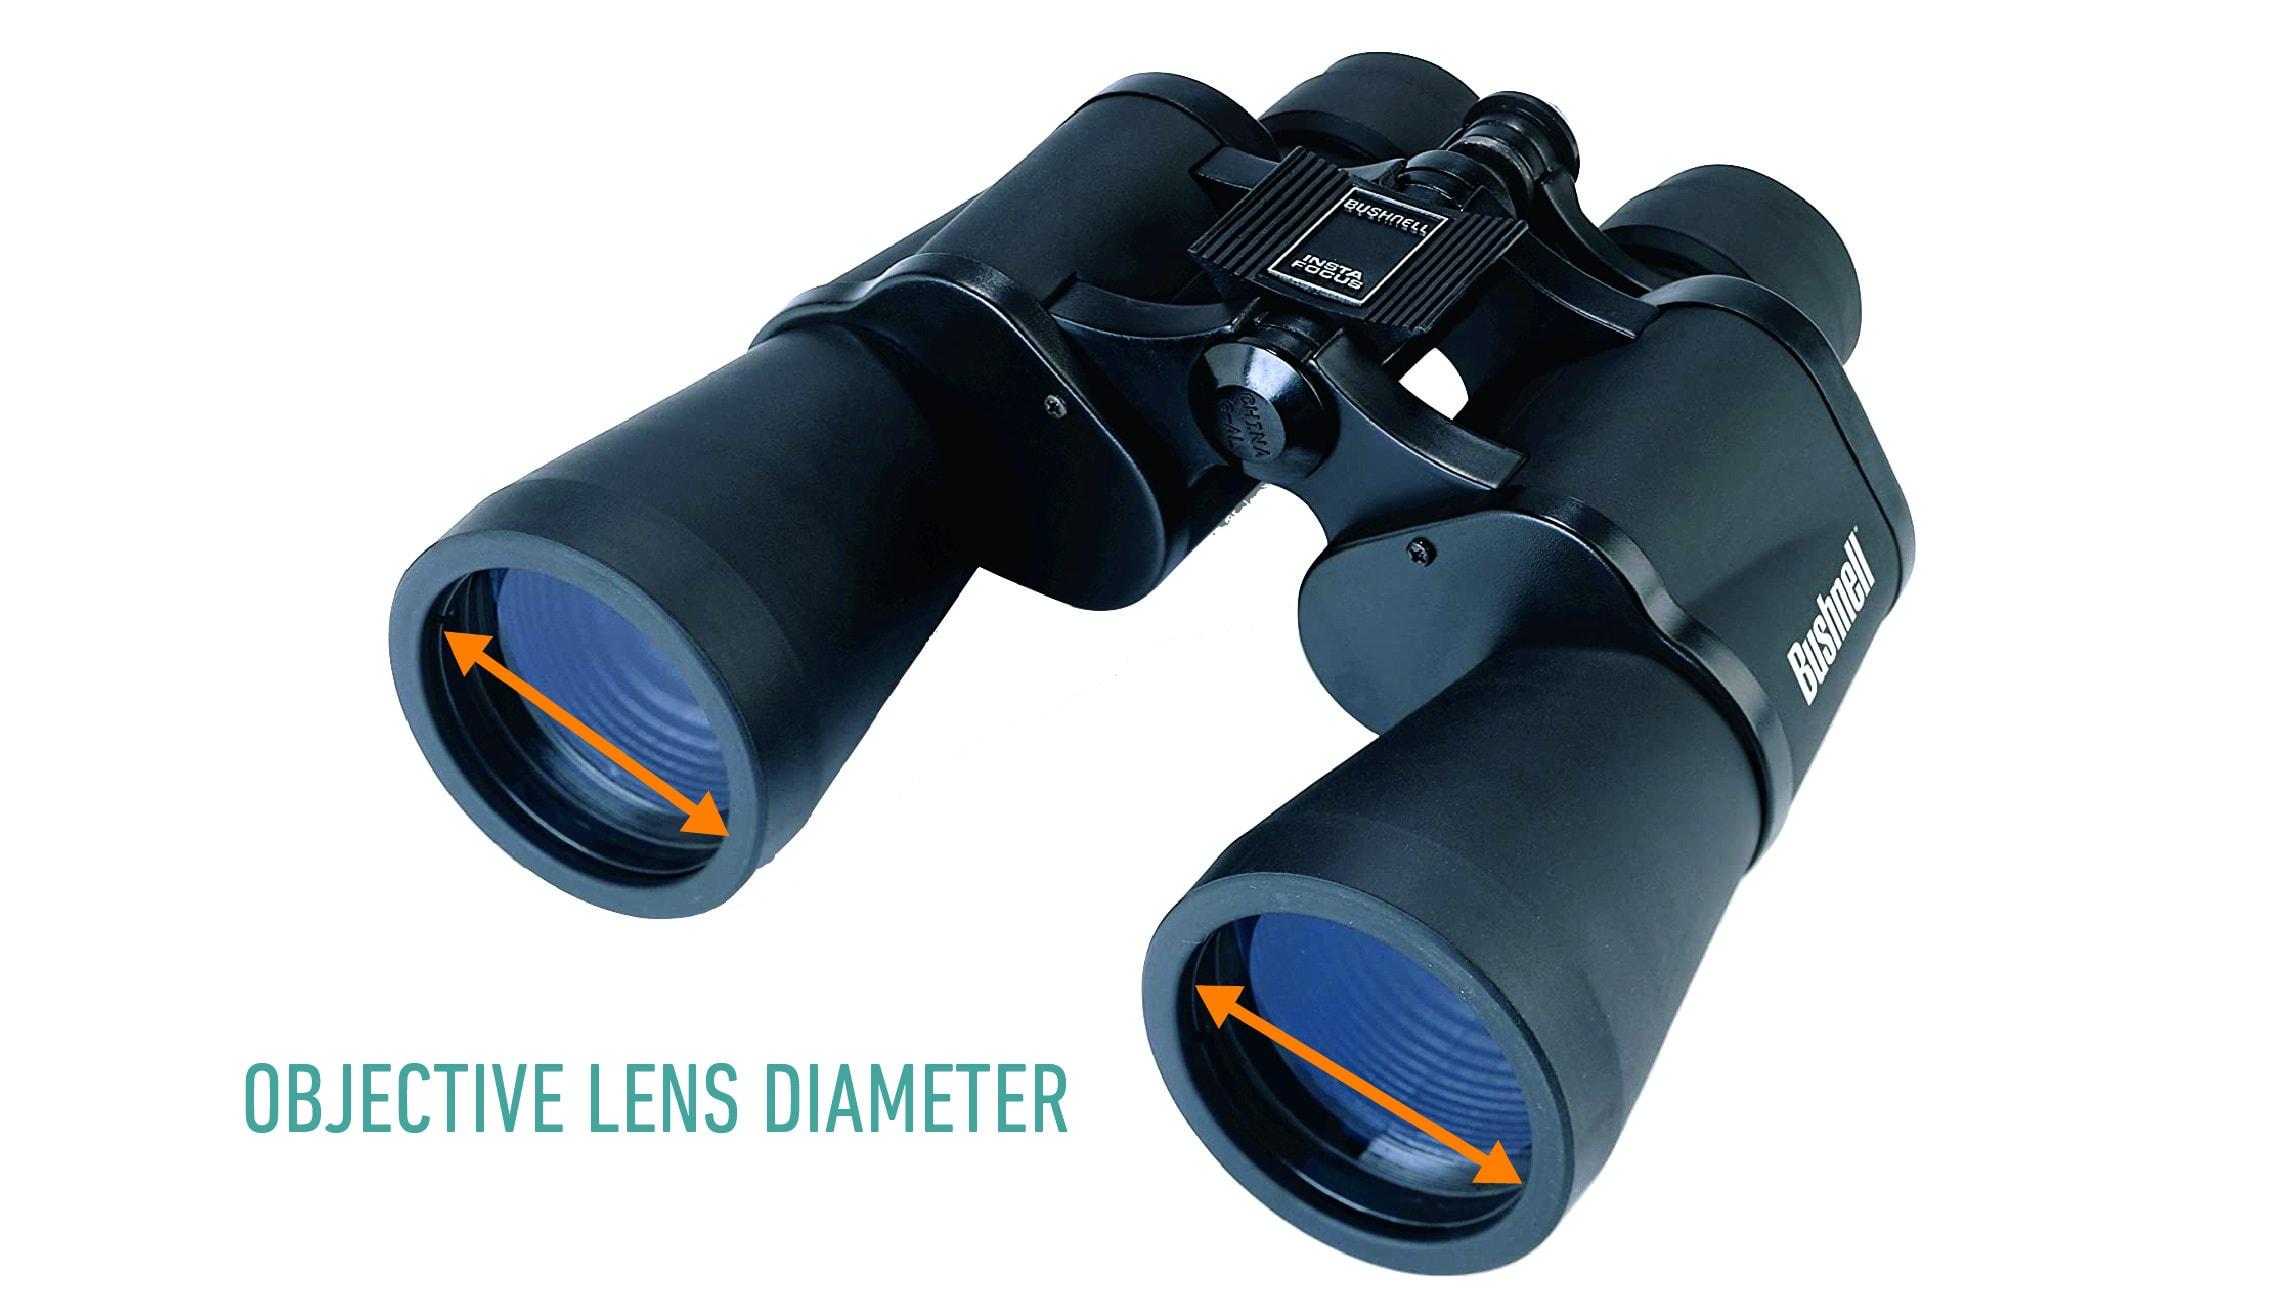 Objective lens diameter-1